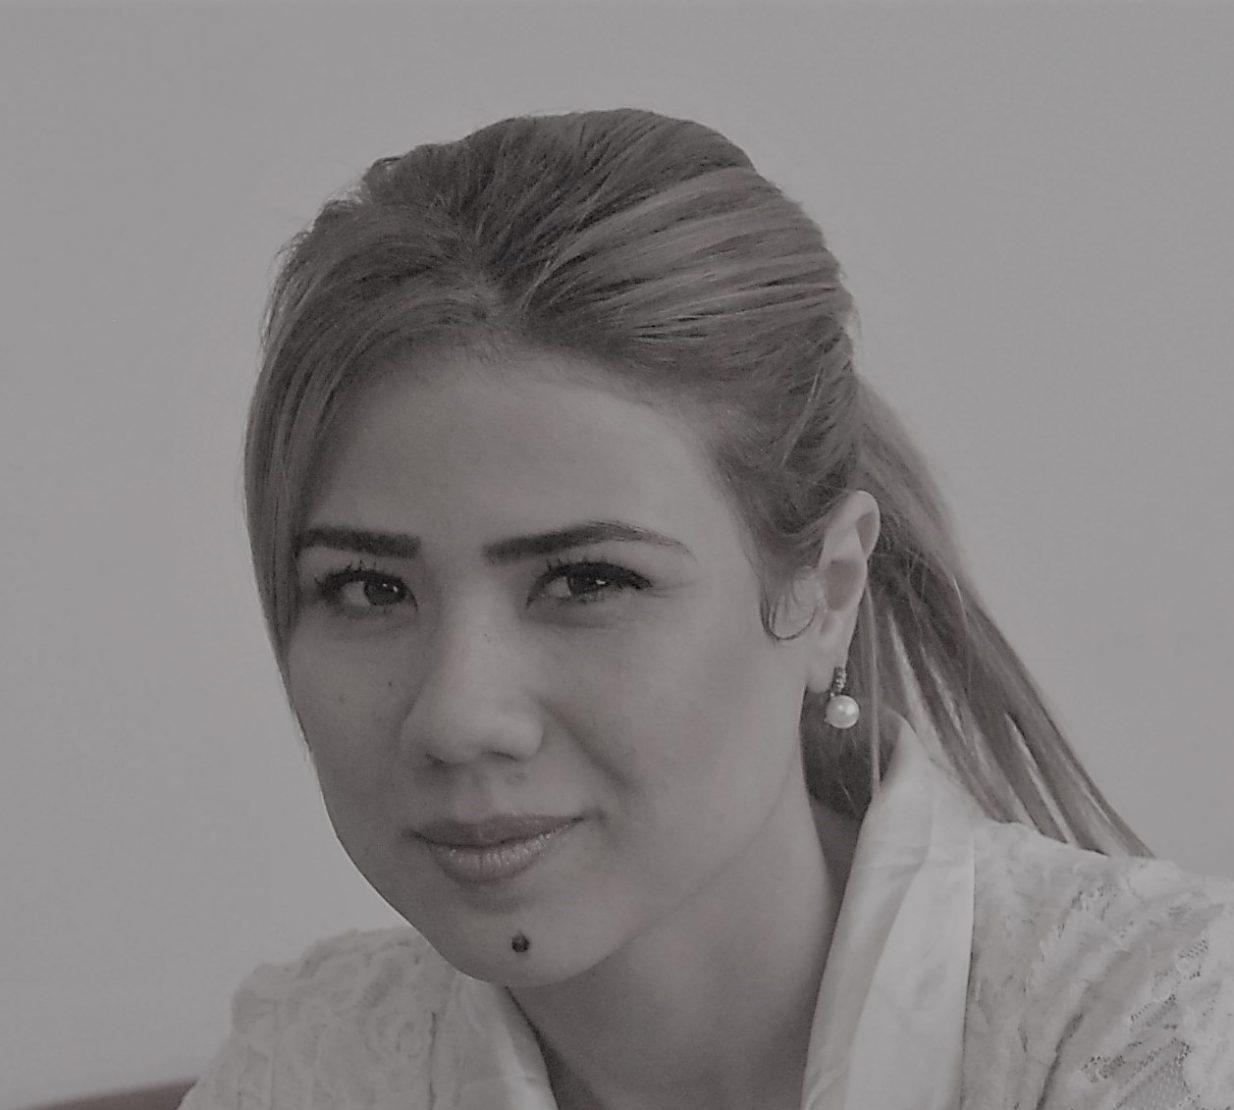 خولة بو كريم - صحافية تونسية